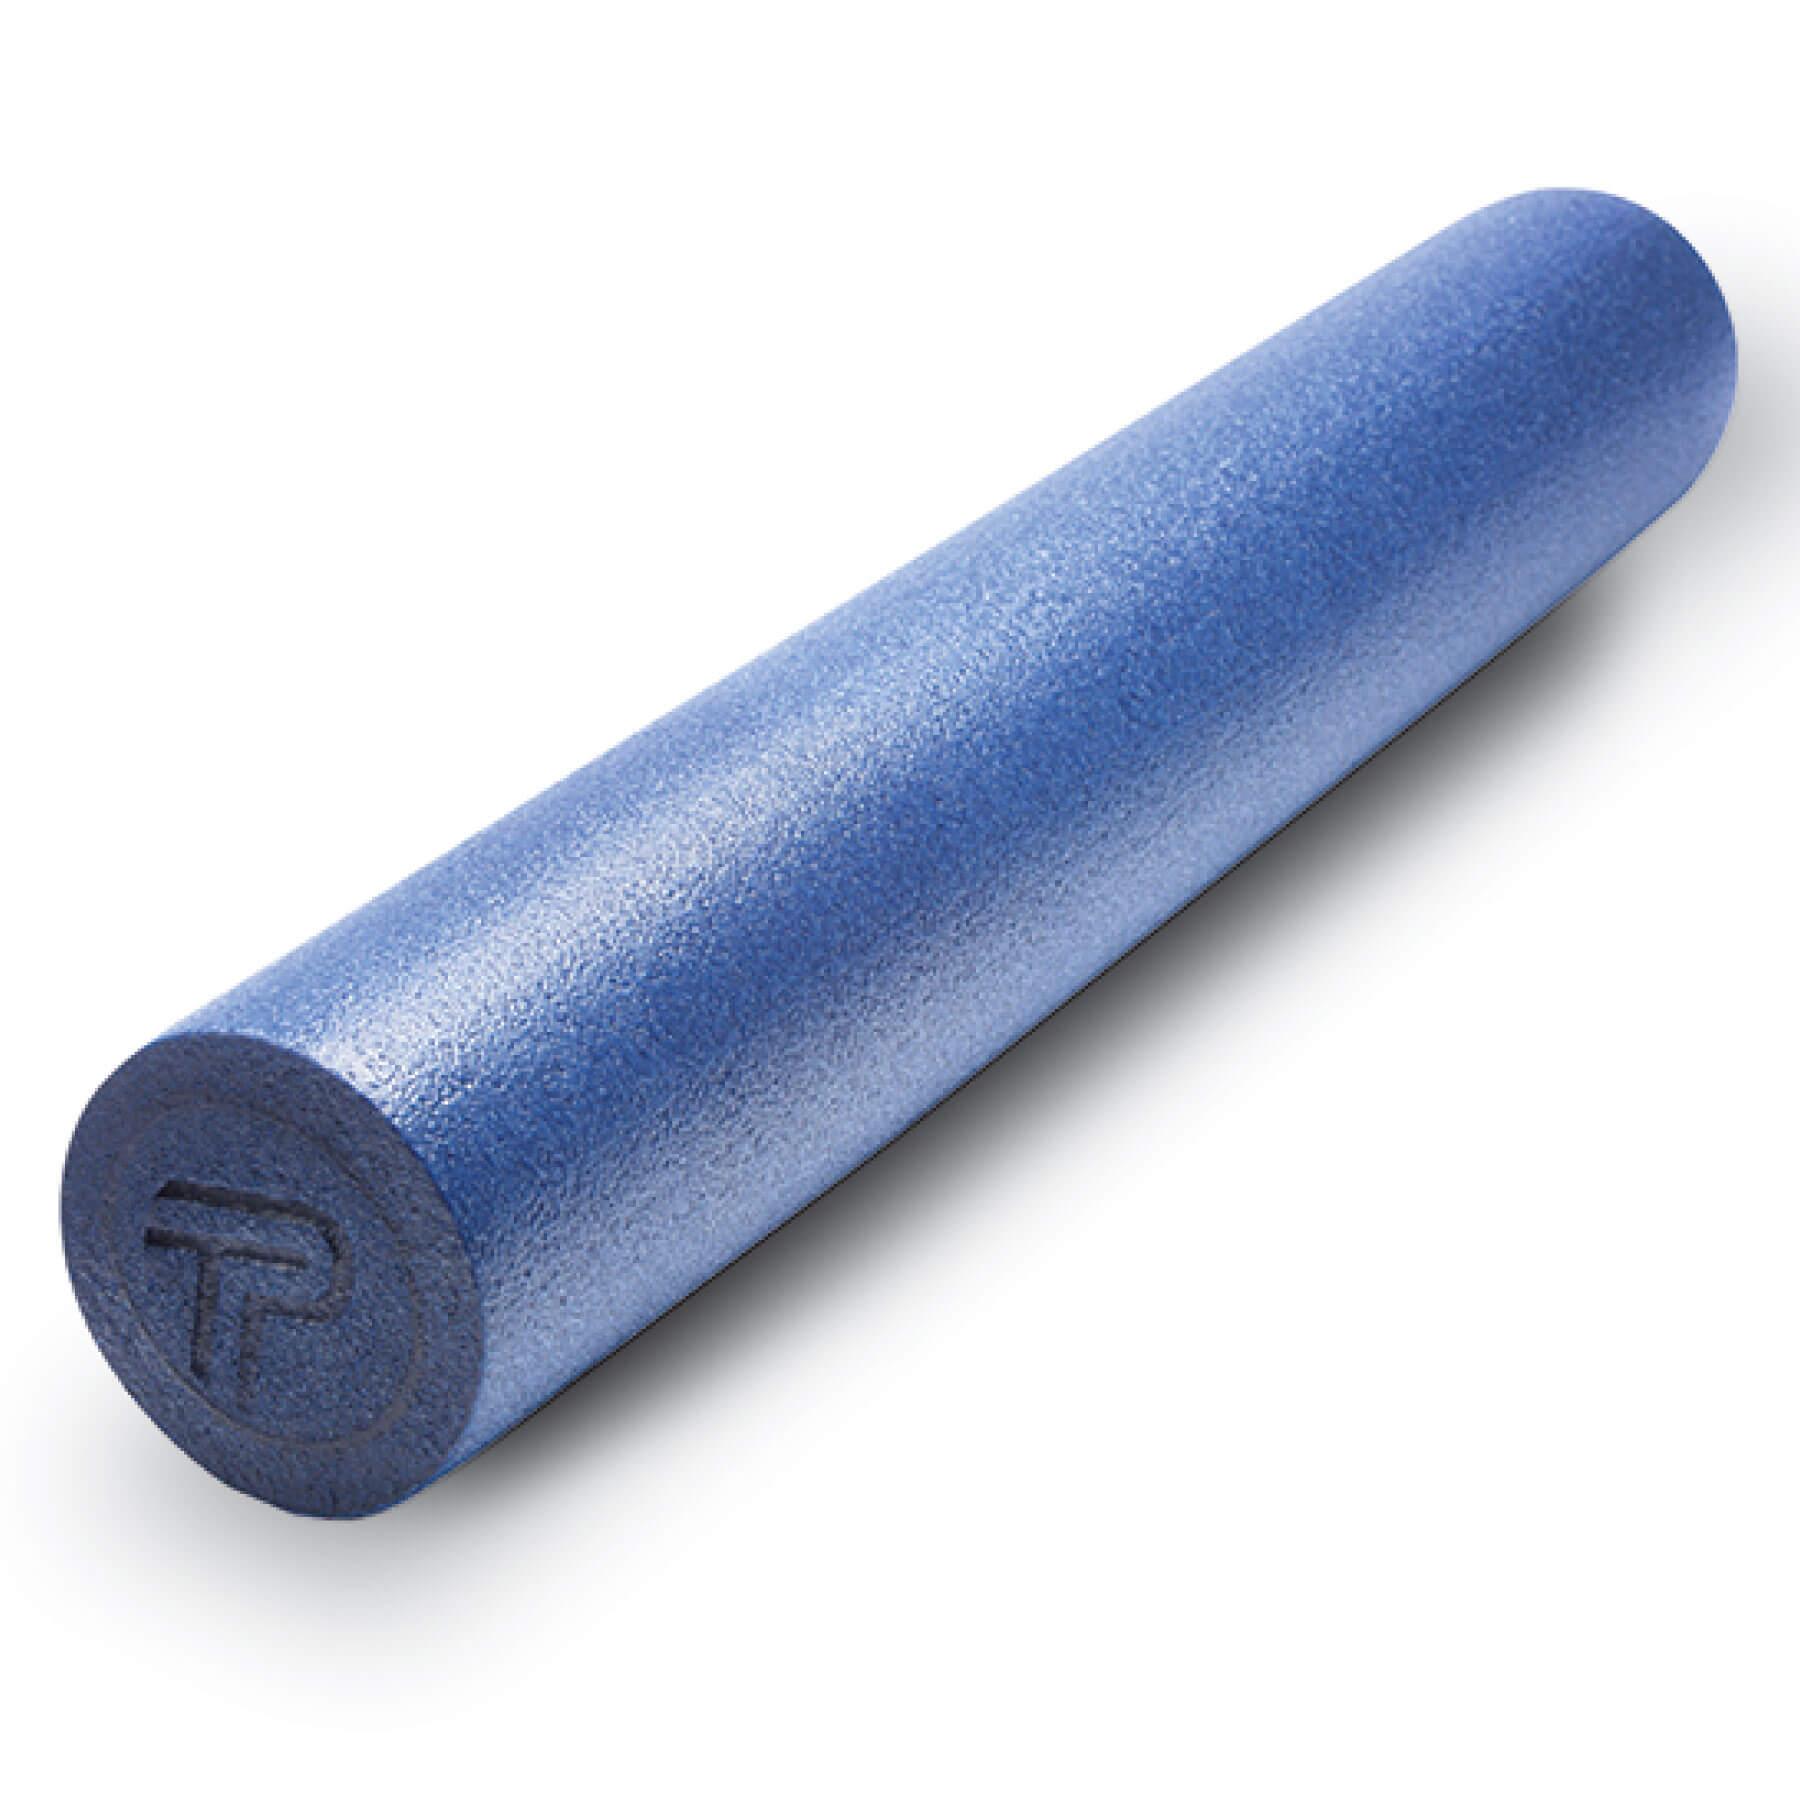 6x35 Blue Foam Roller